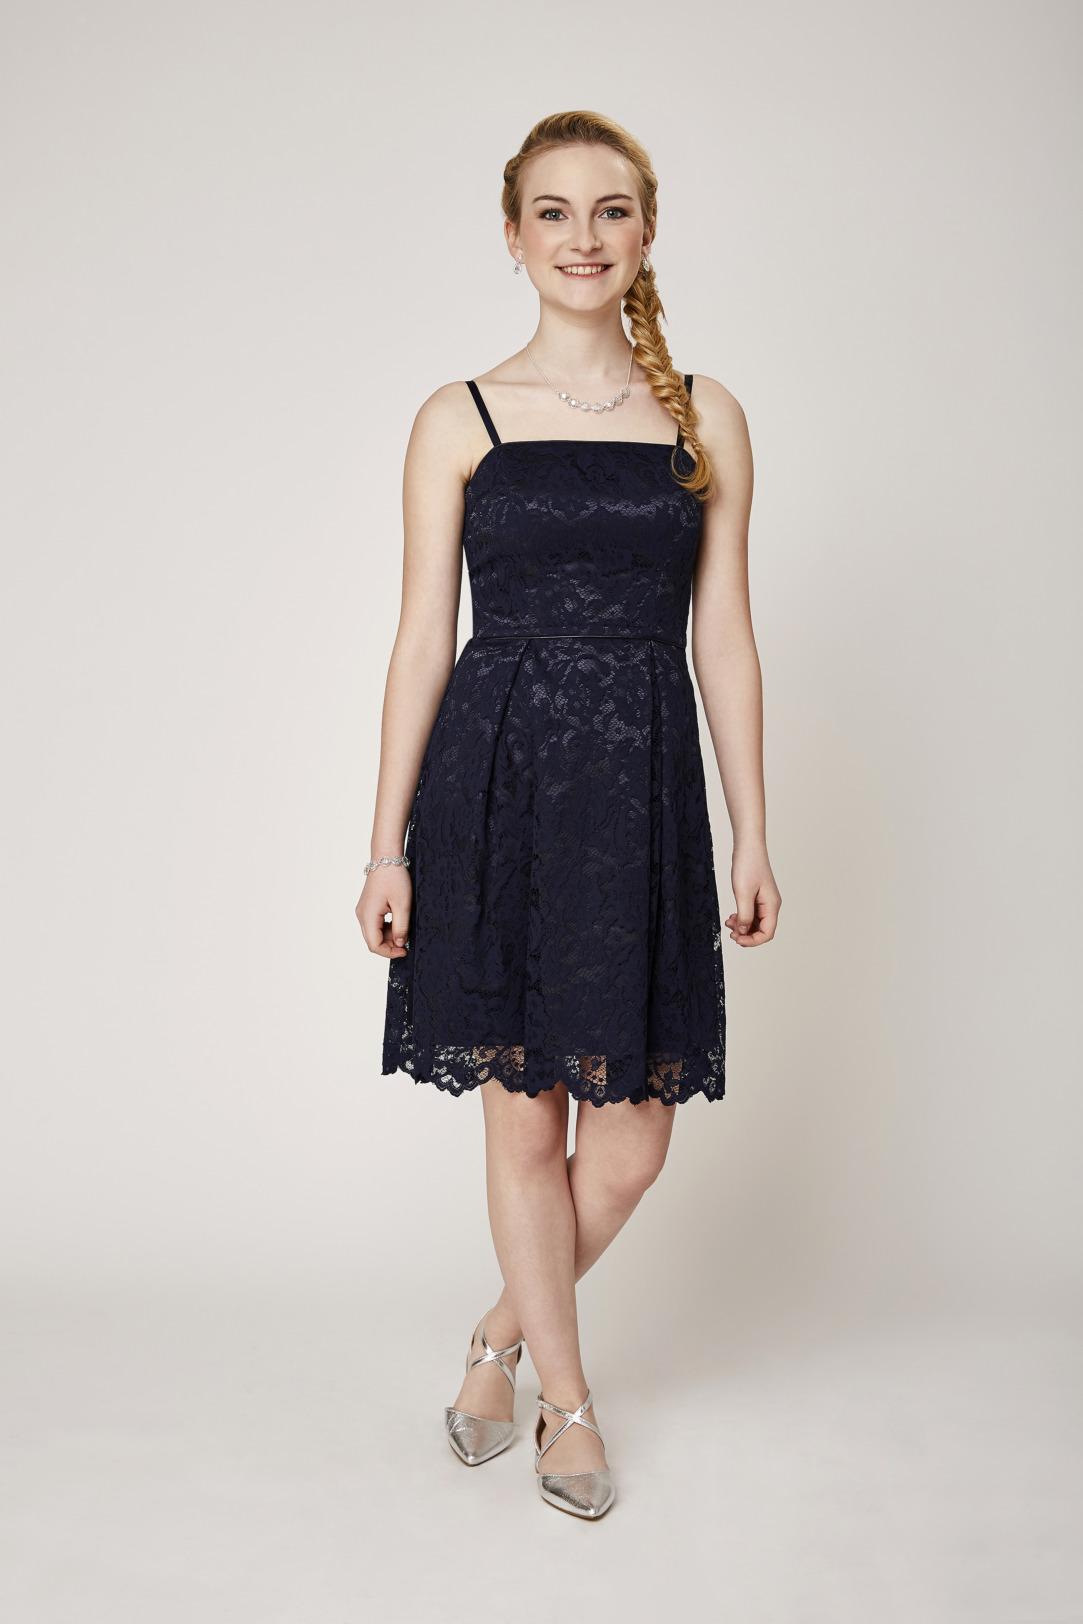 Konfirmation Abendkleider schön ausgefallen jung dunkelblau navy schlicht ganz aus Spitze kurzes Kleid